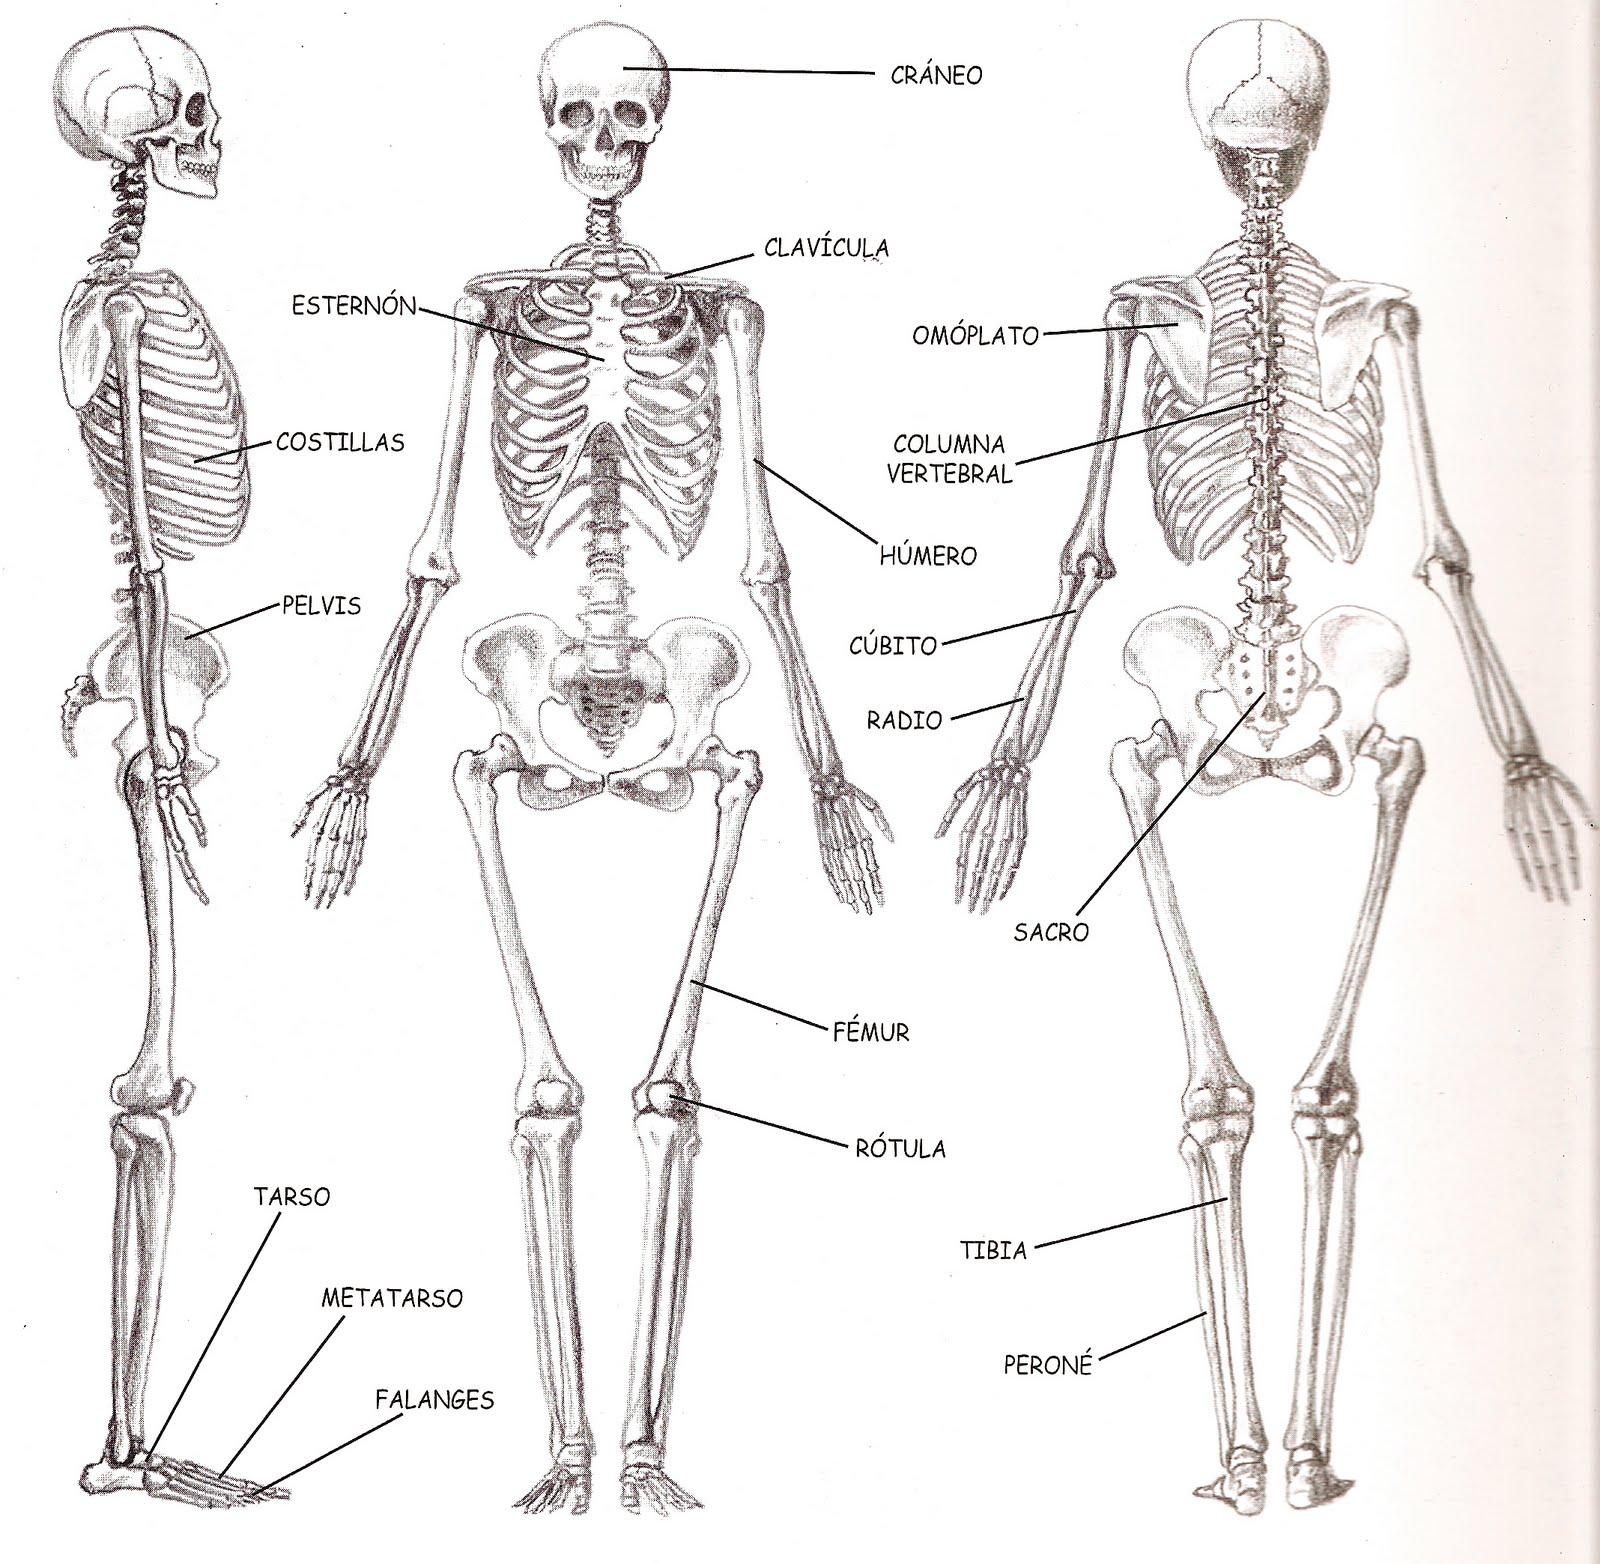 Imagenes De Esqueleto Humano Y Sus Partes